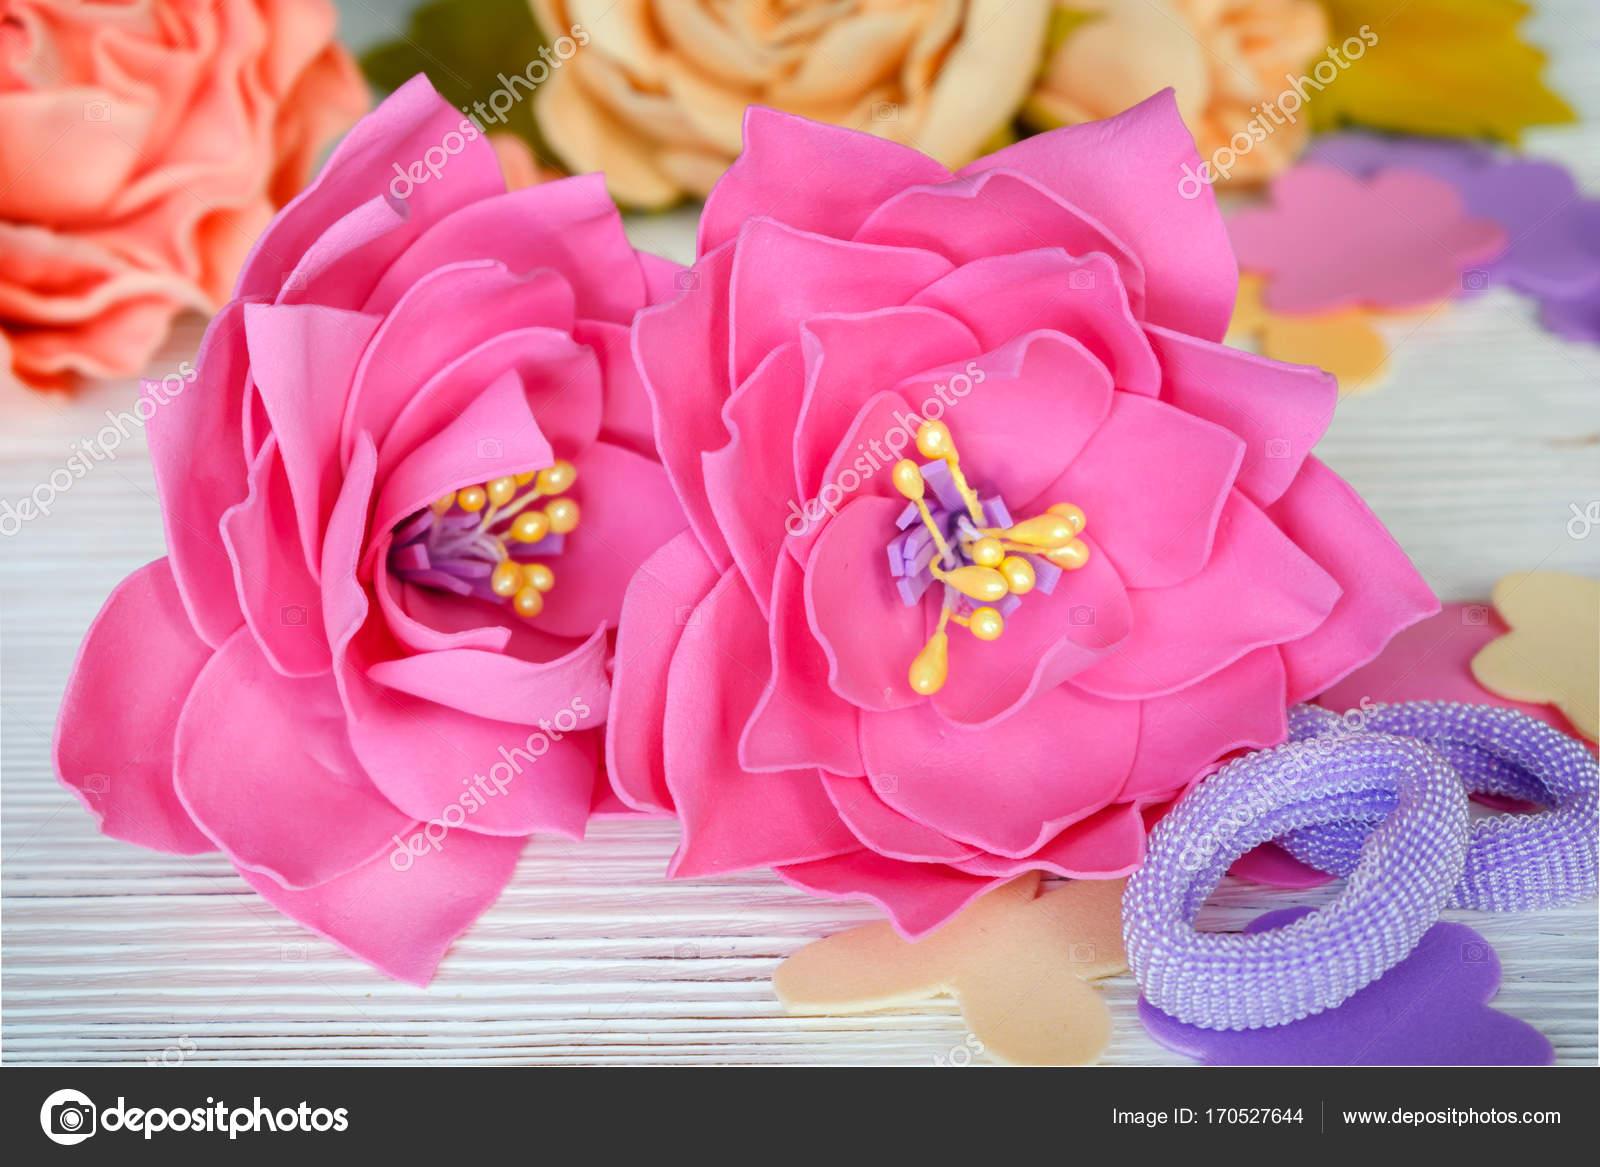 Květiny Foamiran. Vlasy ozdoby gumičky na dřevěný stůl. V retro ... 756e256322